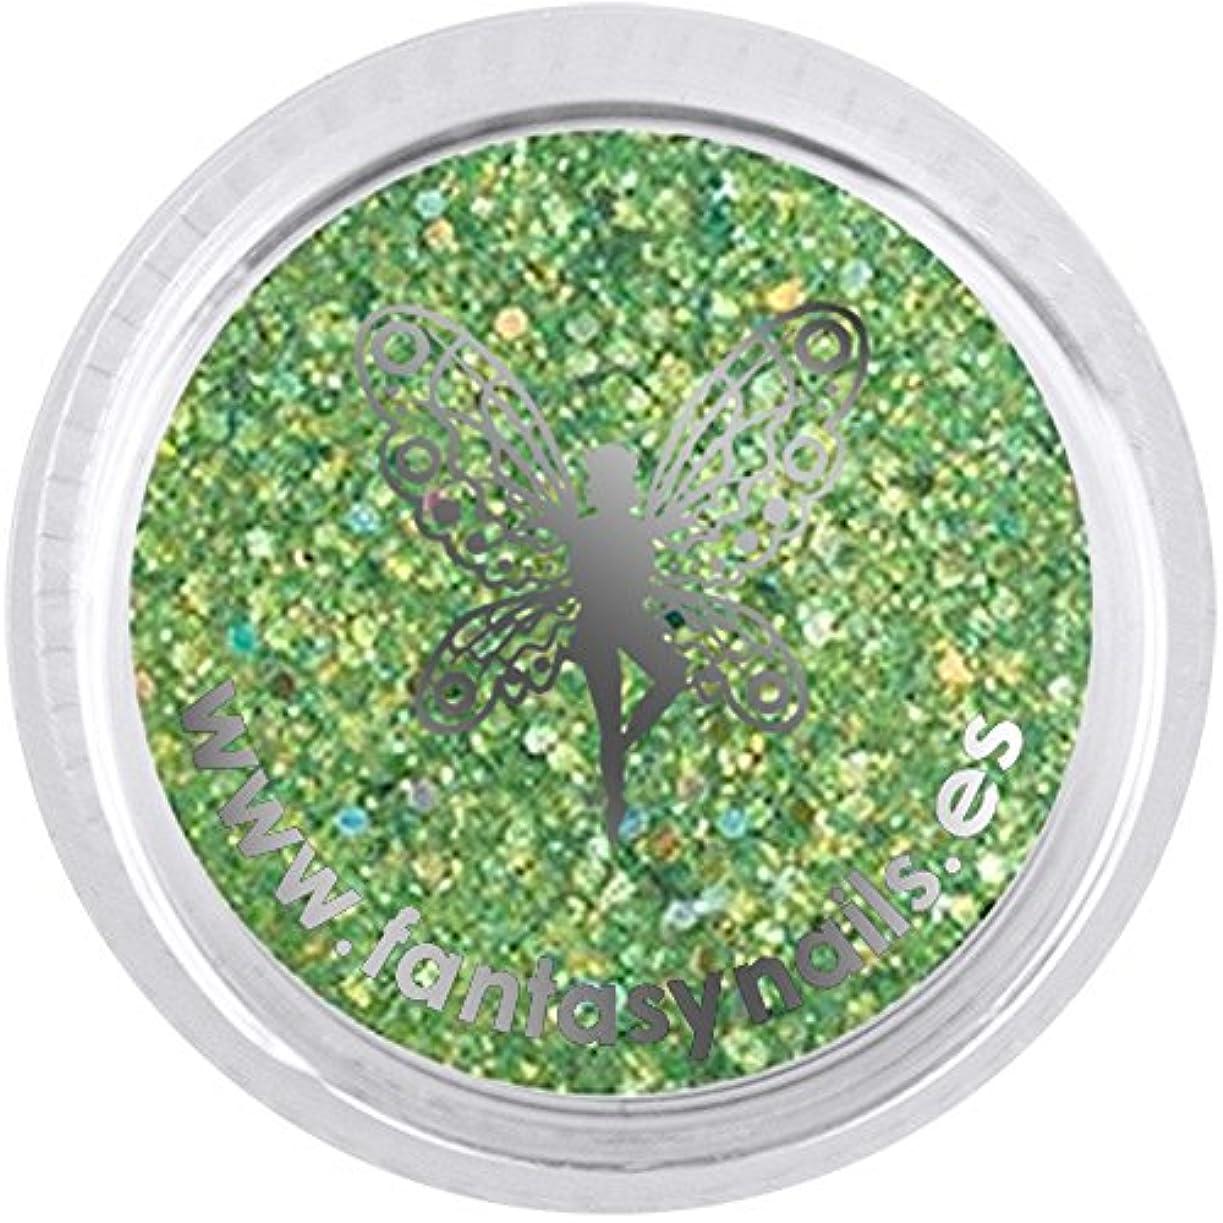 しかしながらサロン聞きますFANTASY NAIL ダイヤモンドコレクション 3g 4265XS カラーパウダー アート材